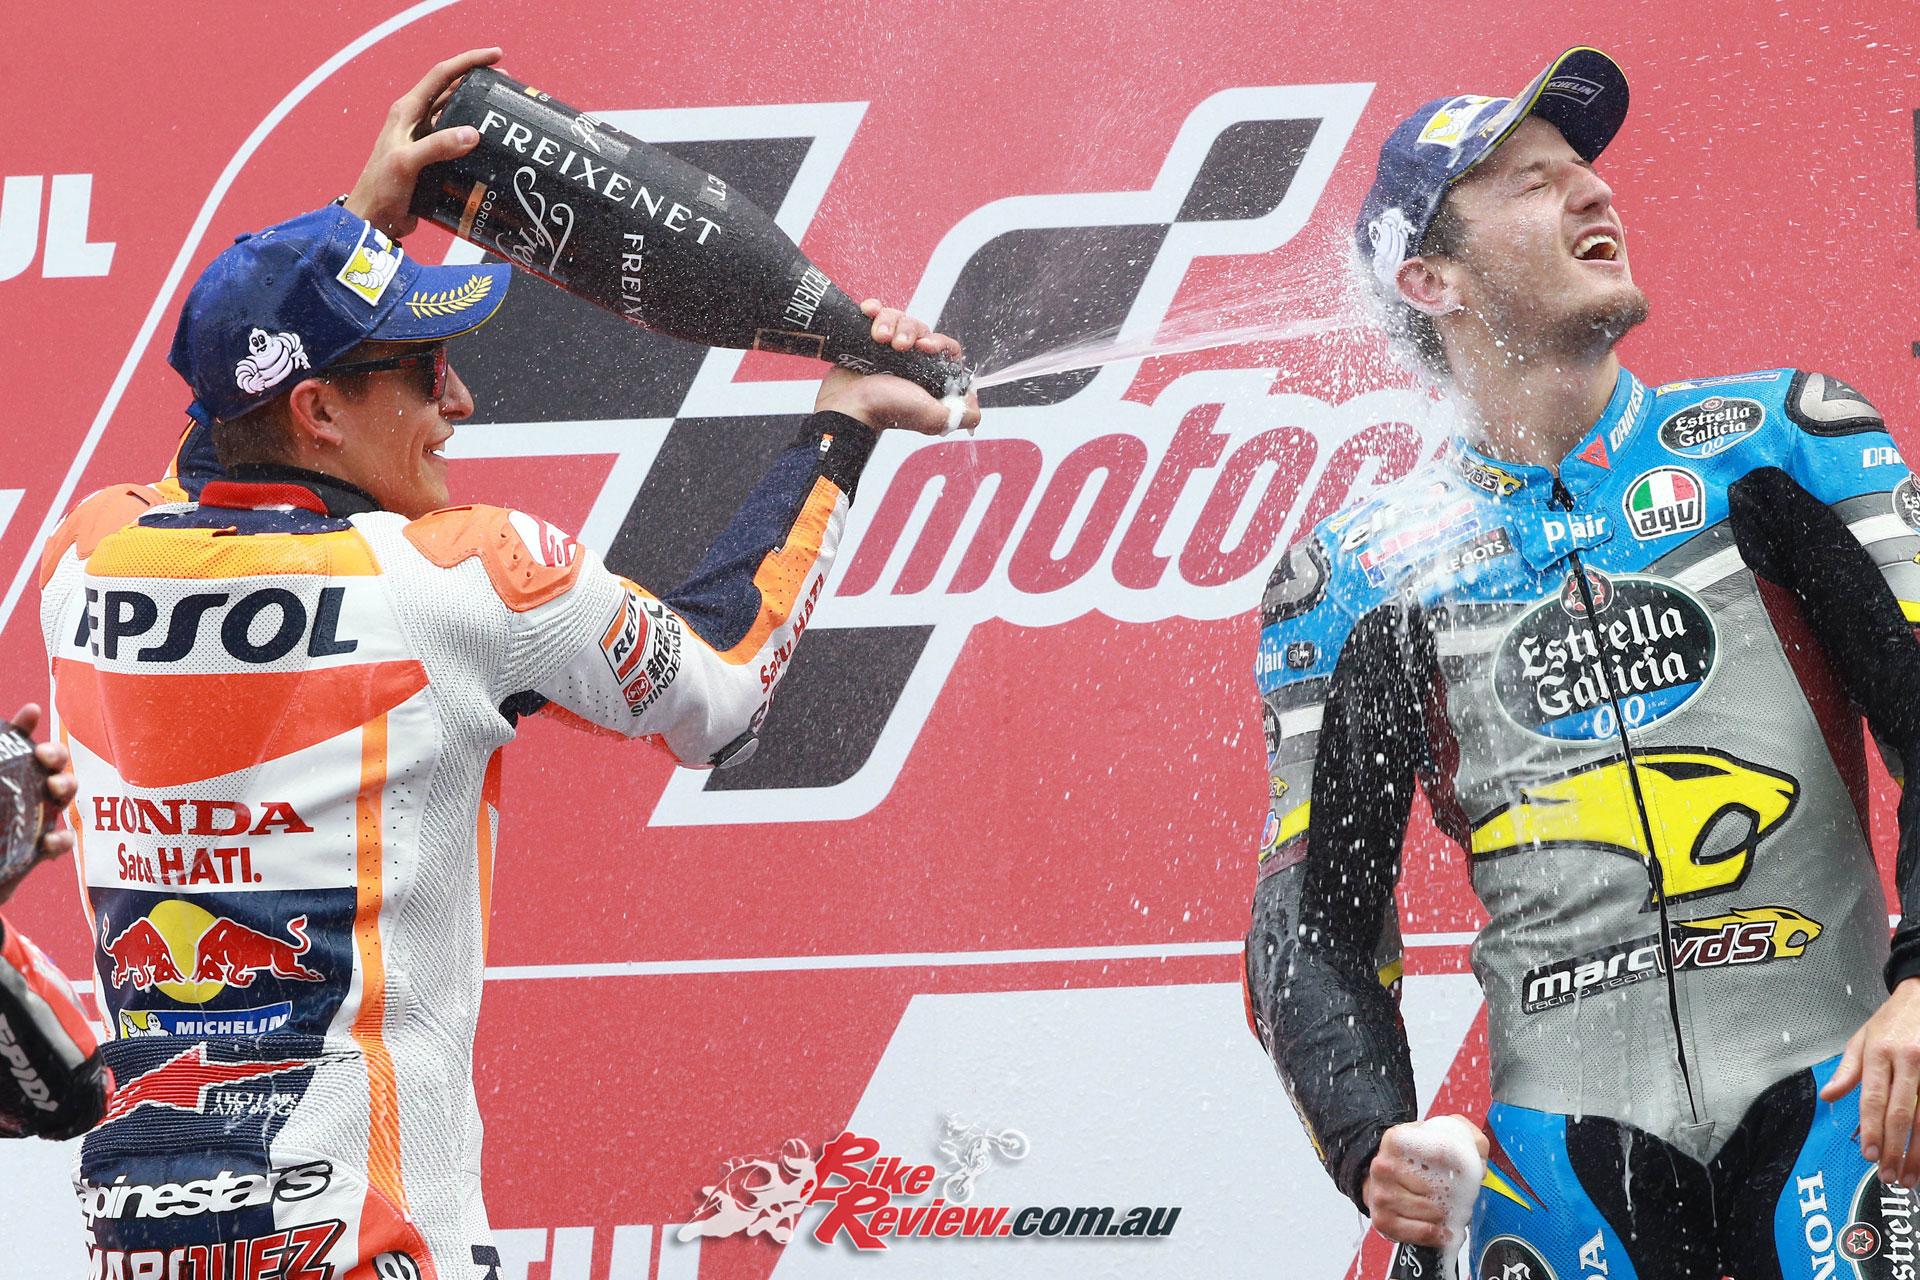 Miller celebrates his podium in Assen with Marc Marquez